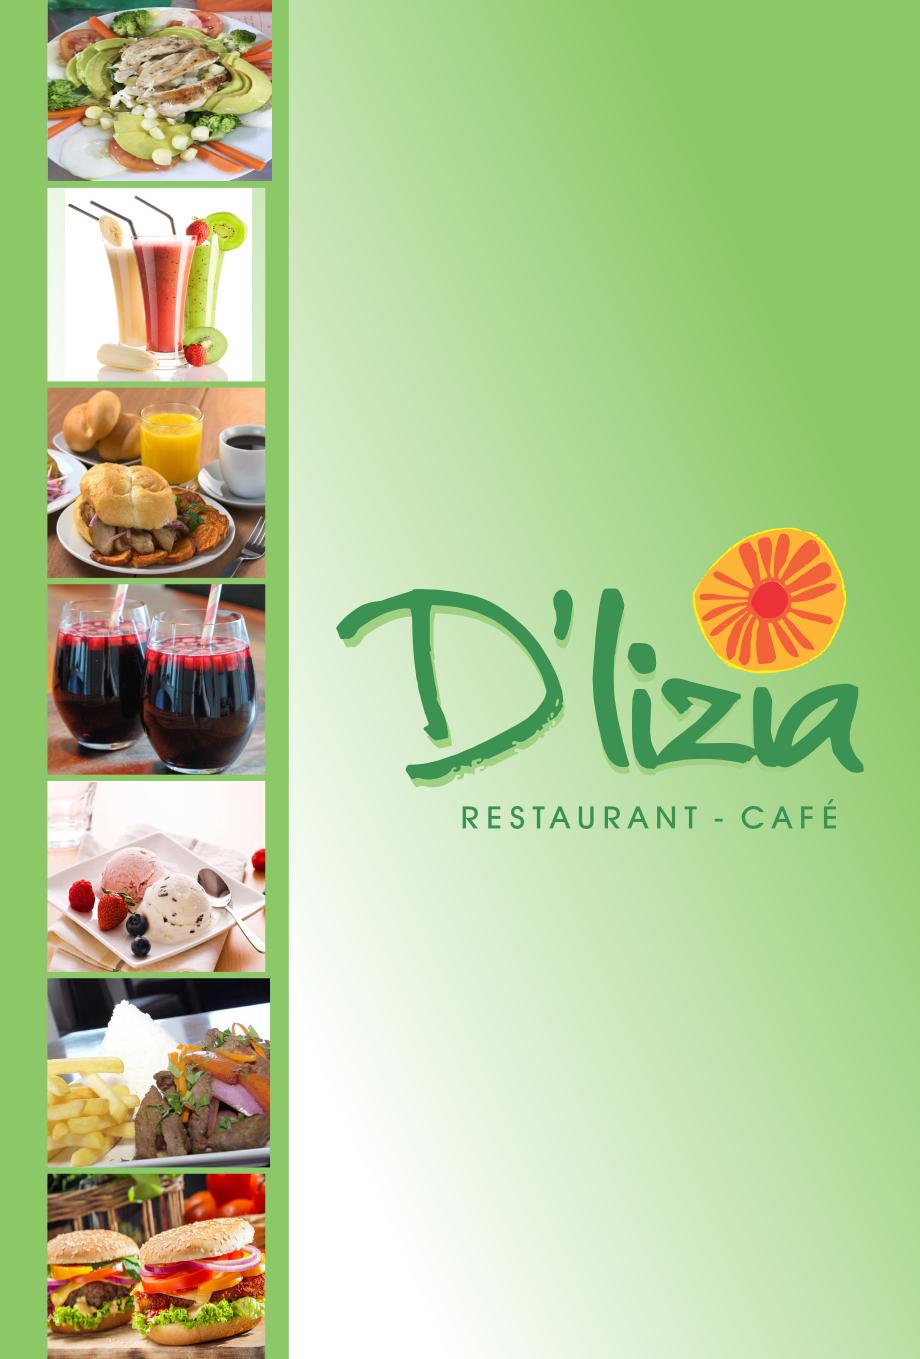 Carta D'lizia - Cafetería